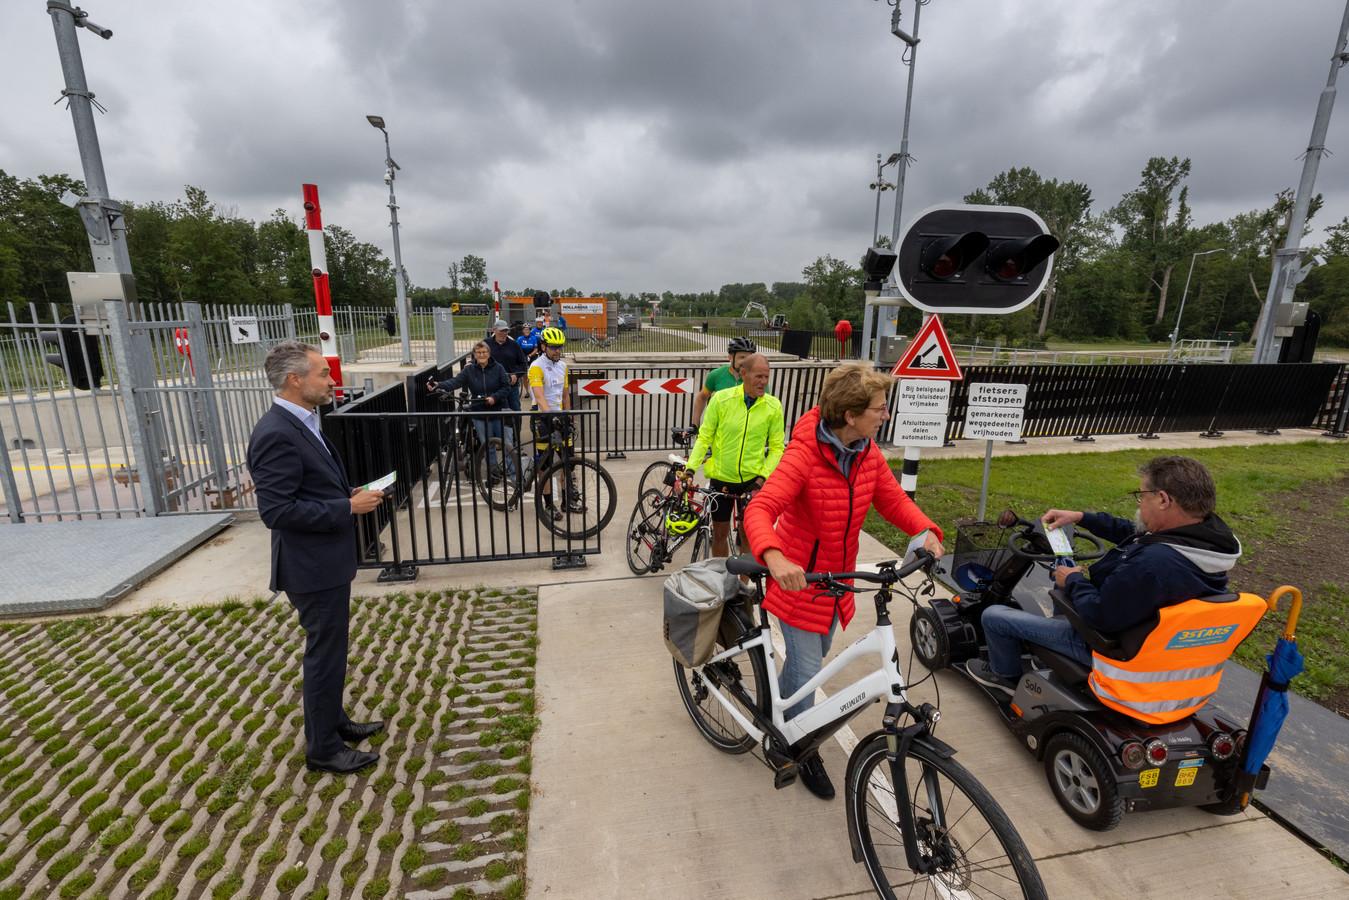 Fietsers kunnen de Reevesluis nu via deze passage oversteken, maar wel met de fiets aan de hand.